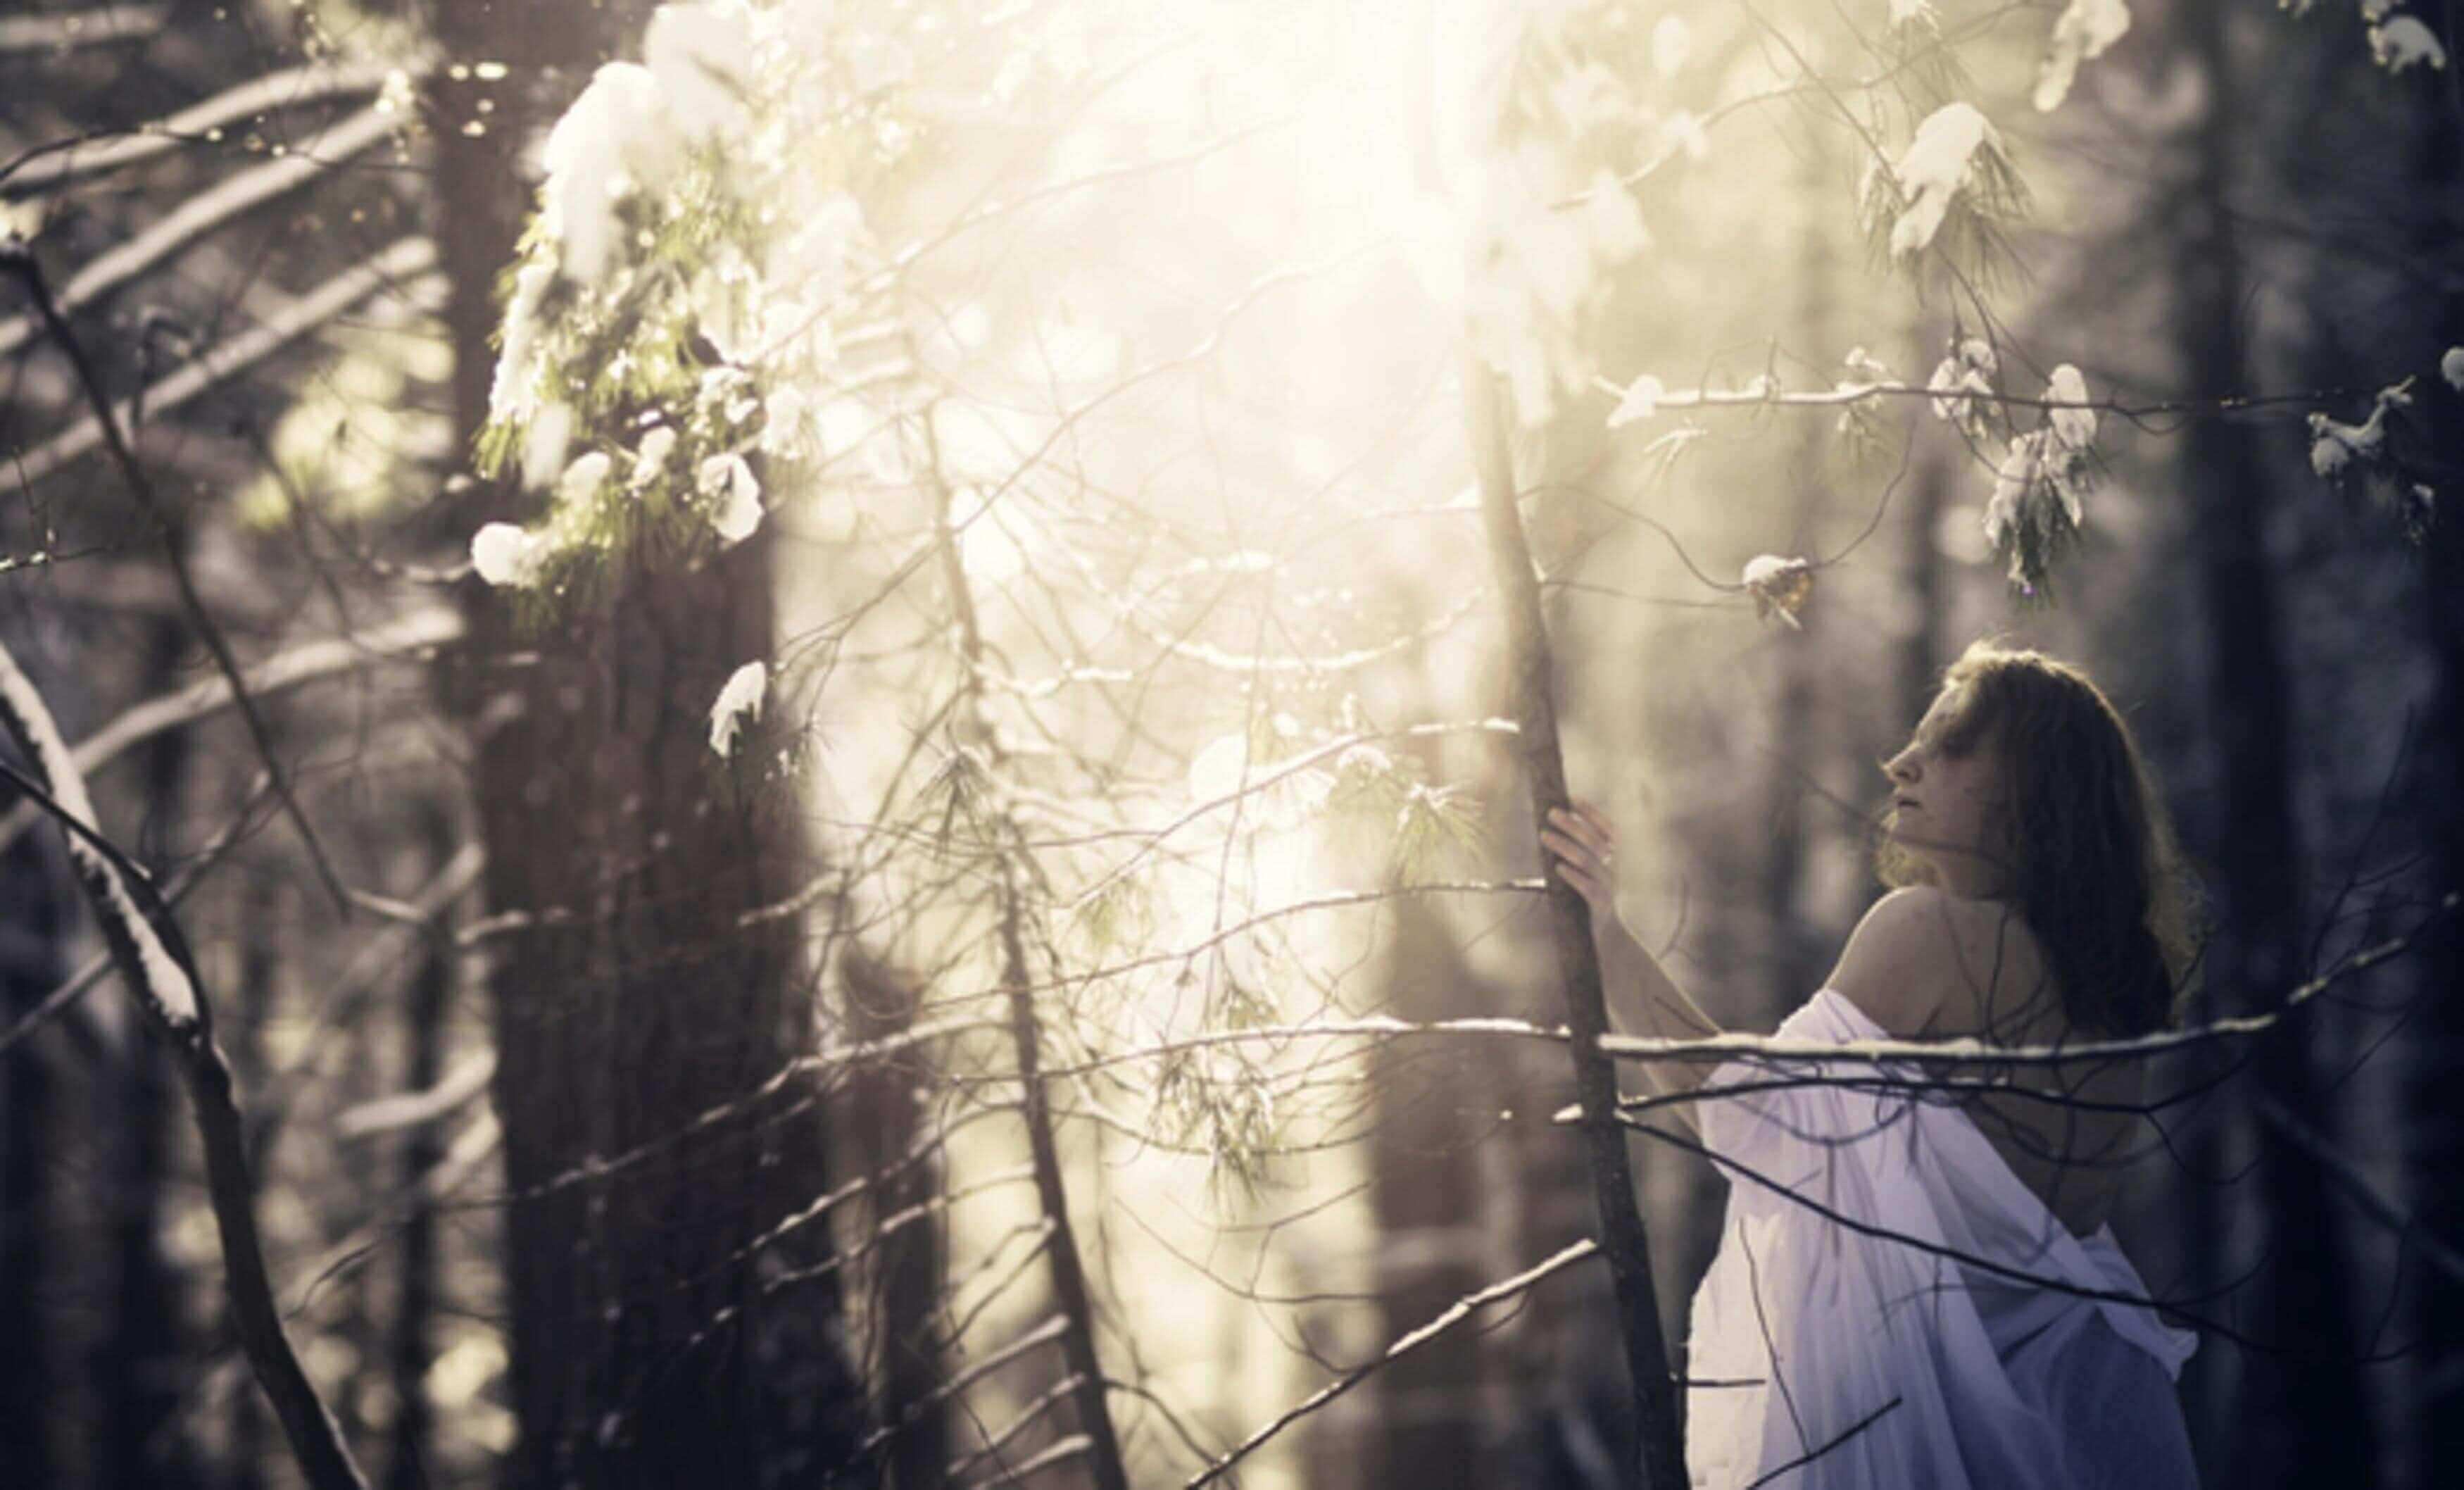 Die 5 Phasen der Trauer: Leugnung